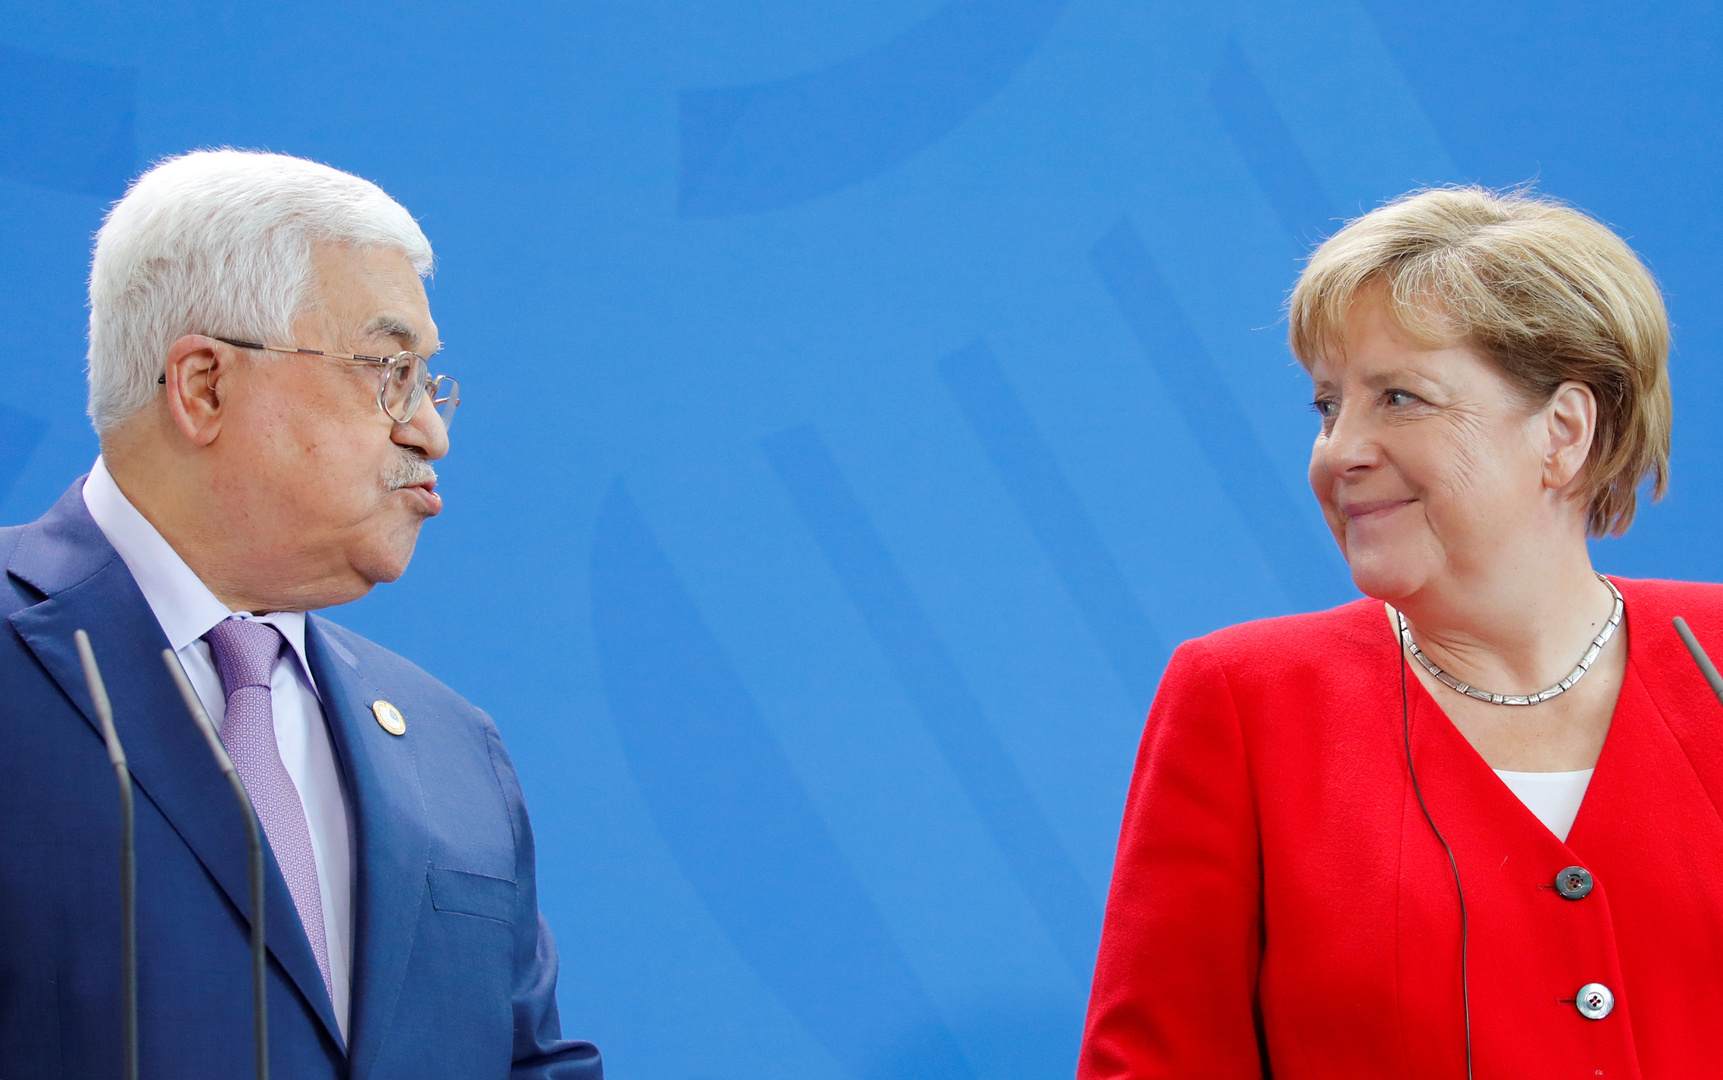 المستشارة الألمانية أنغيلا ميركل والرئيس الفلسطيني محمود عباس - صورة أرشيفية